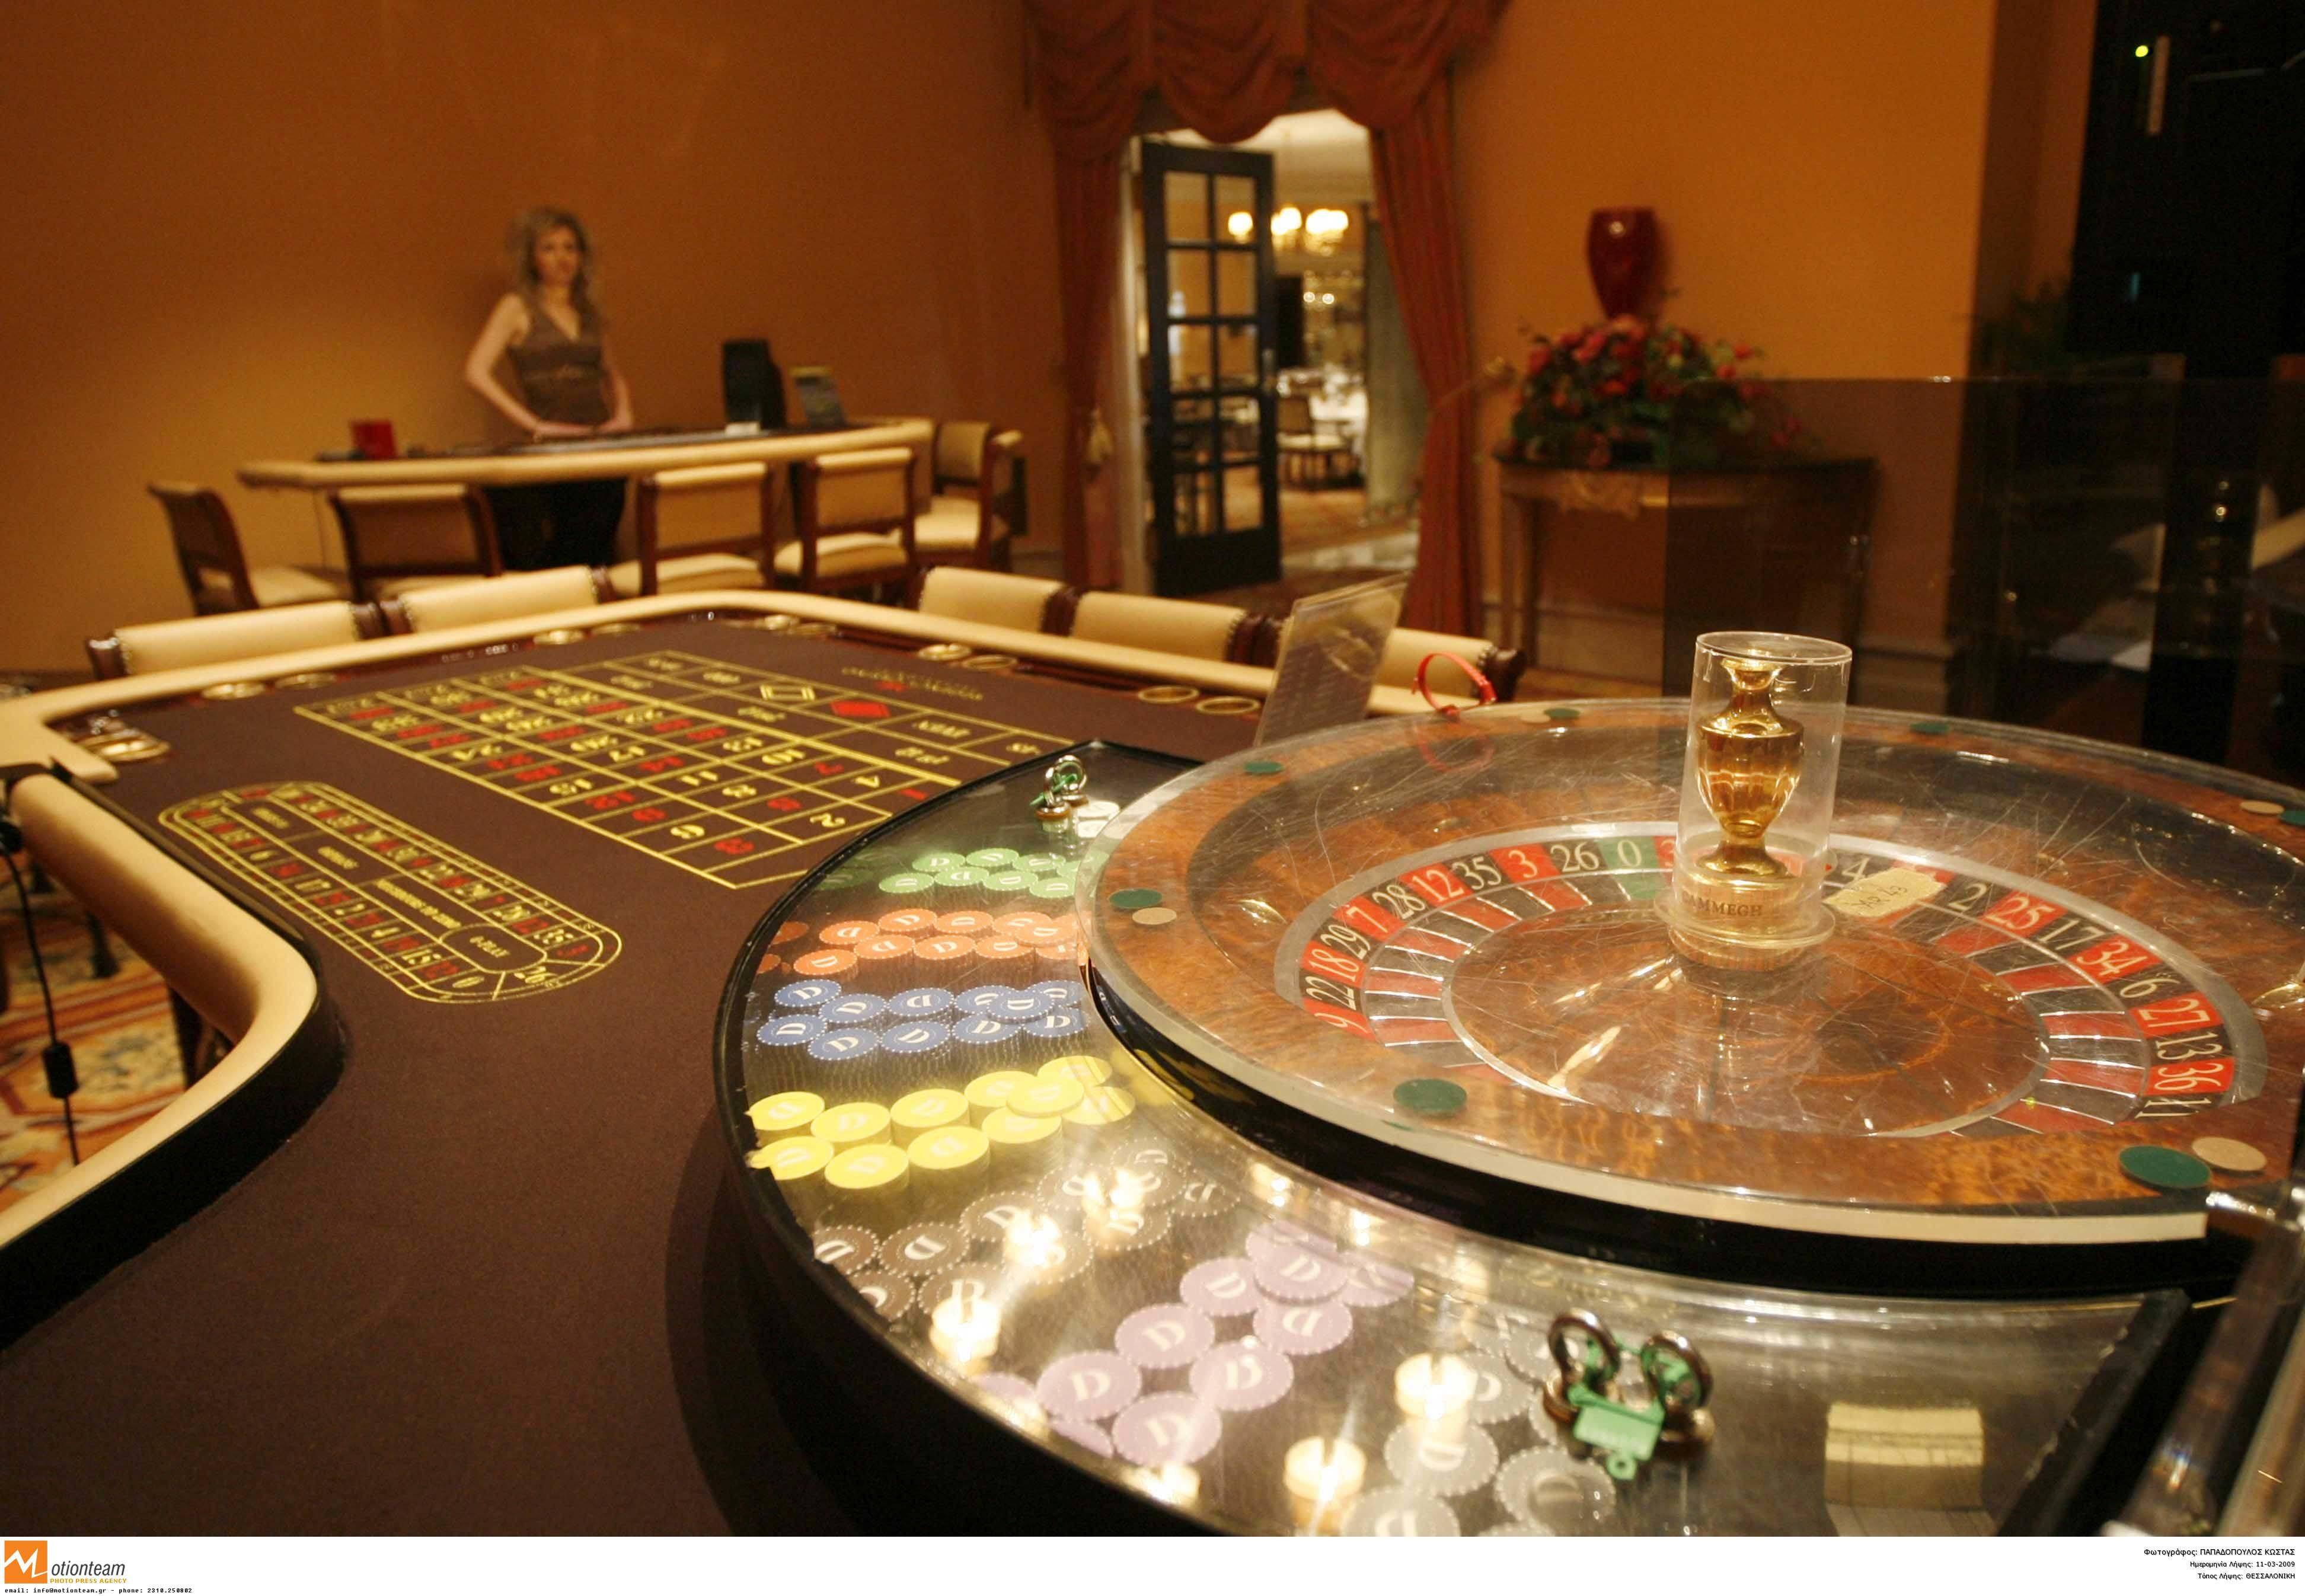 Ρίο: Χασούρα, πόνος και έρωτας στο καζίνο – Απίστευτα περιστατικά στο ναό του τζόγου